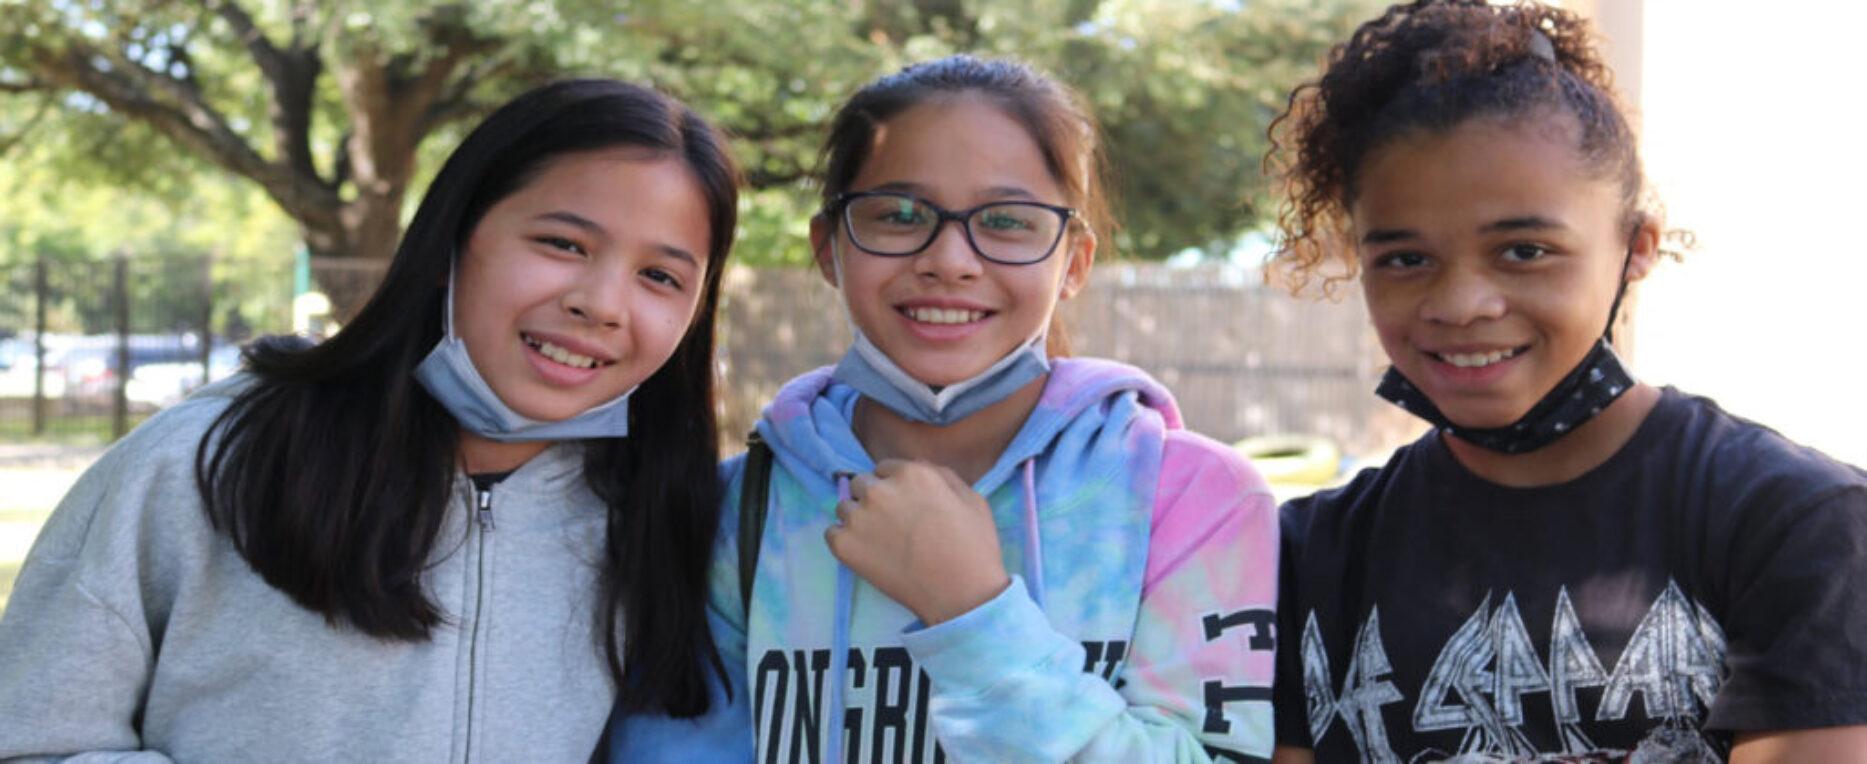 RS 9 26 three teen girls website